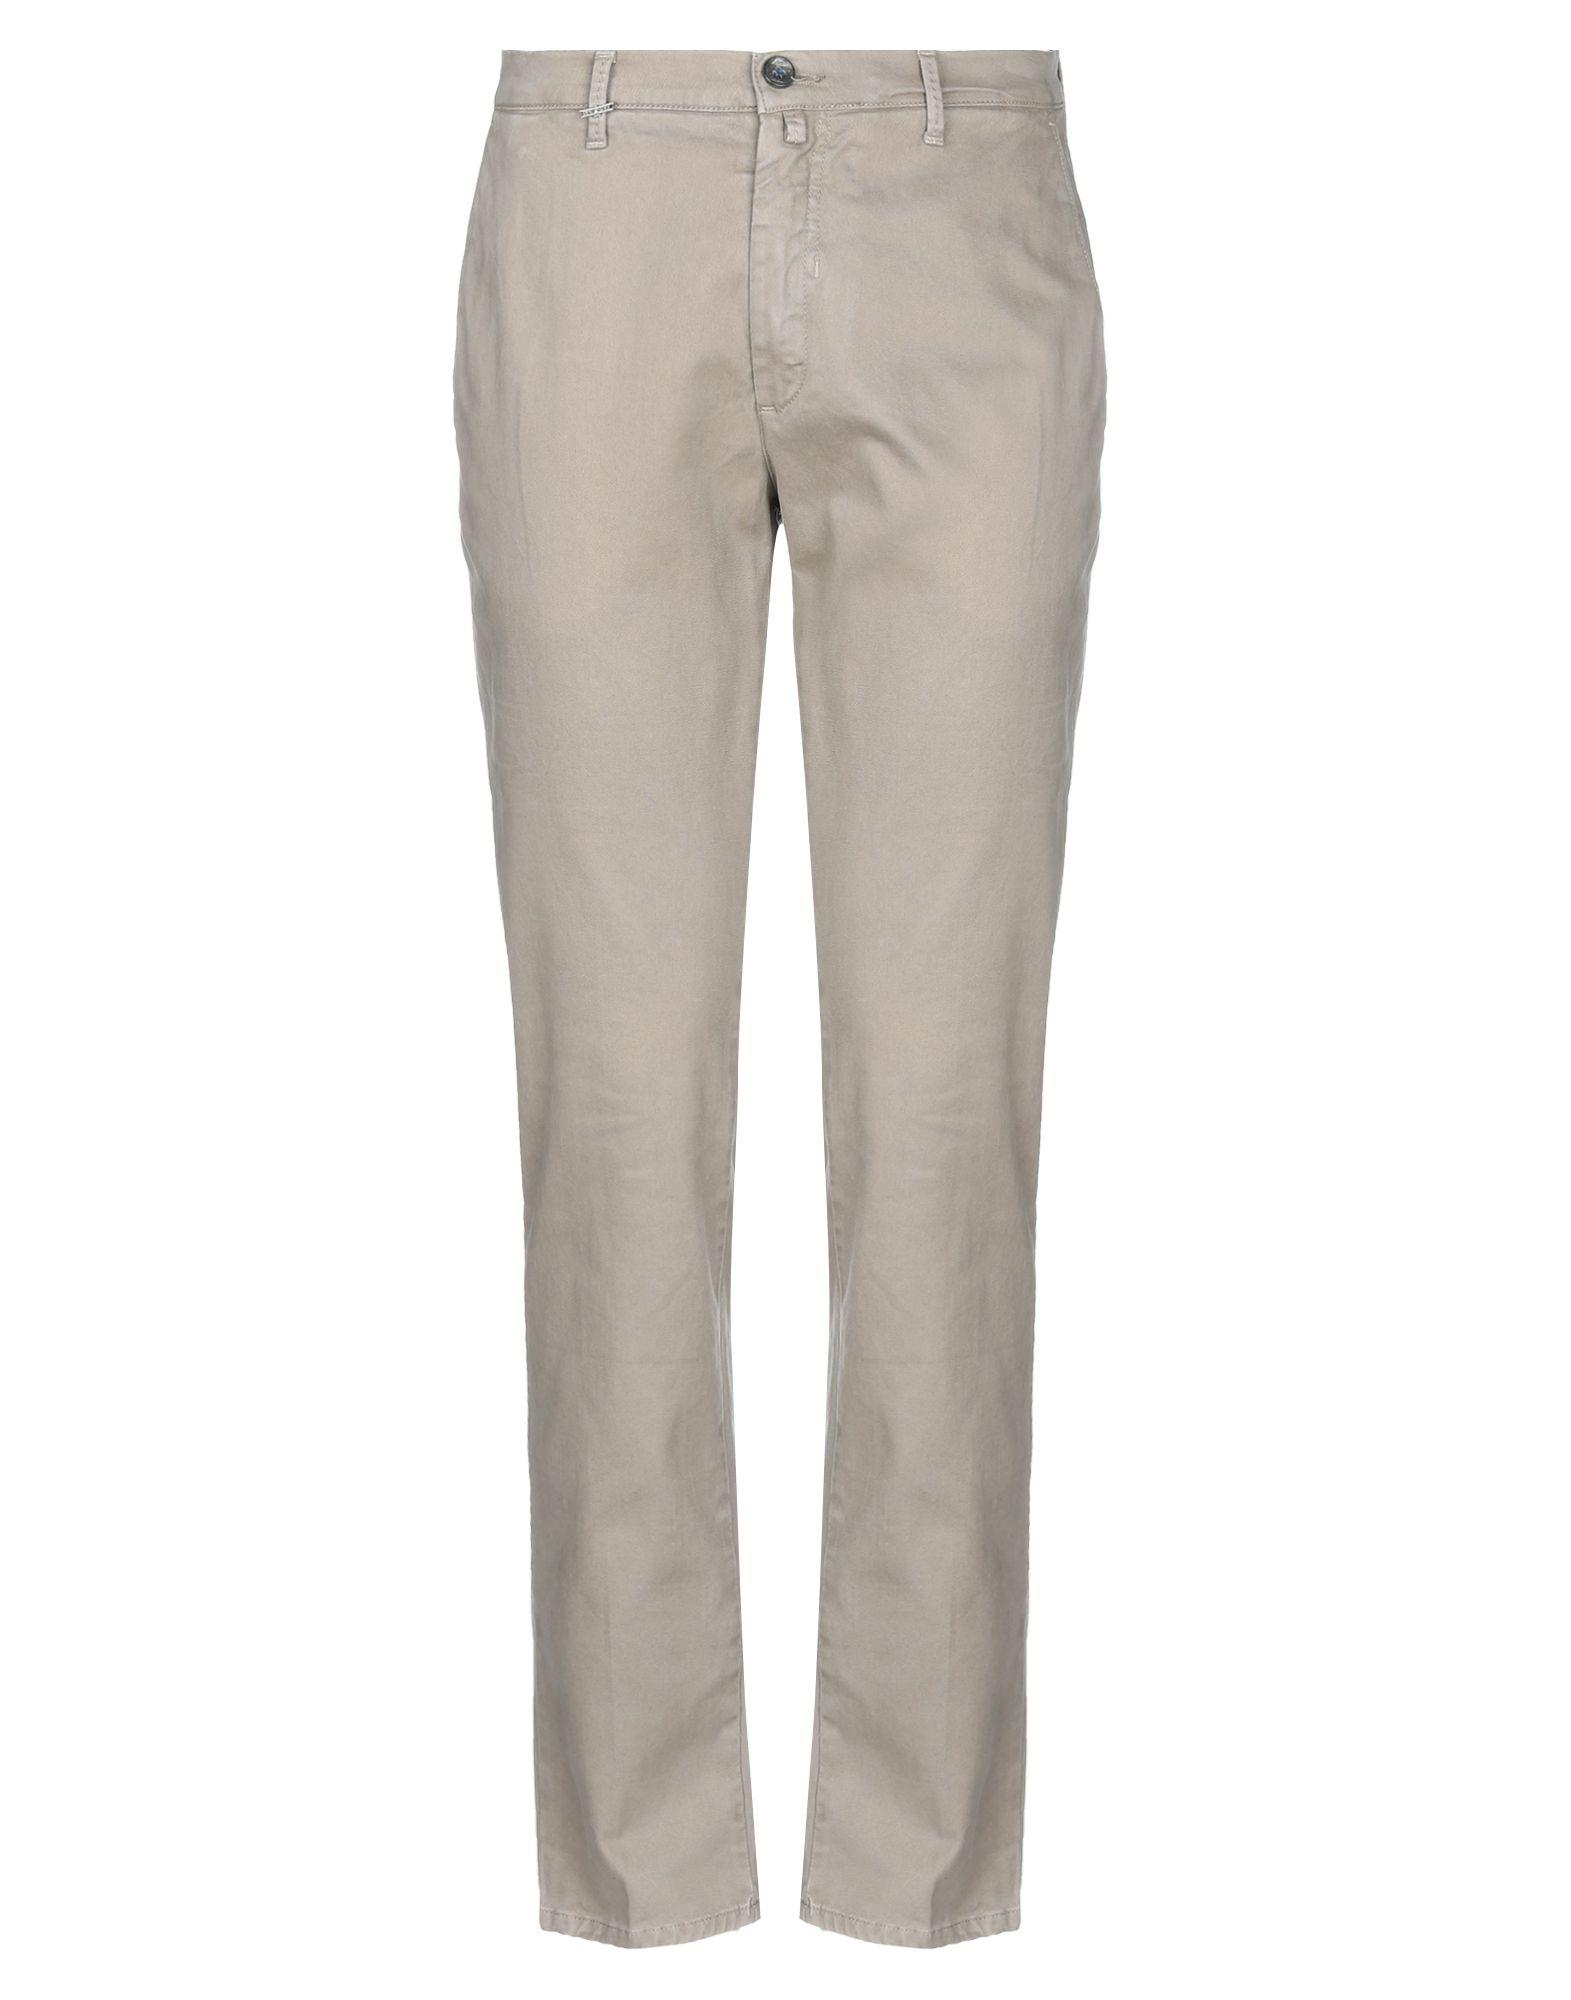 《期間限定 セール開催中》QUOTA OTTO メンズ パンツ サンド 48 コットン 98% / ポリウレタン 2%